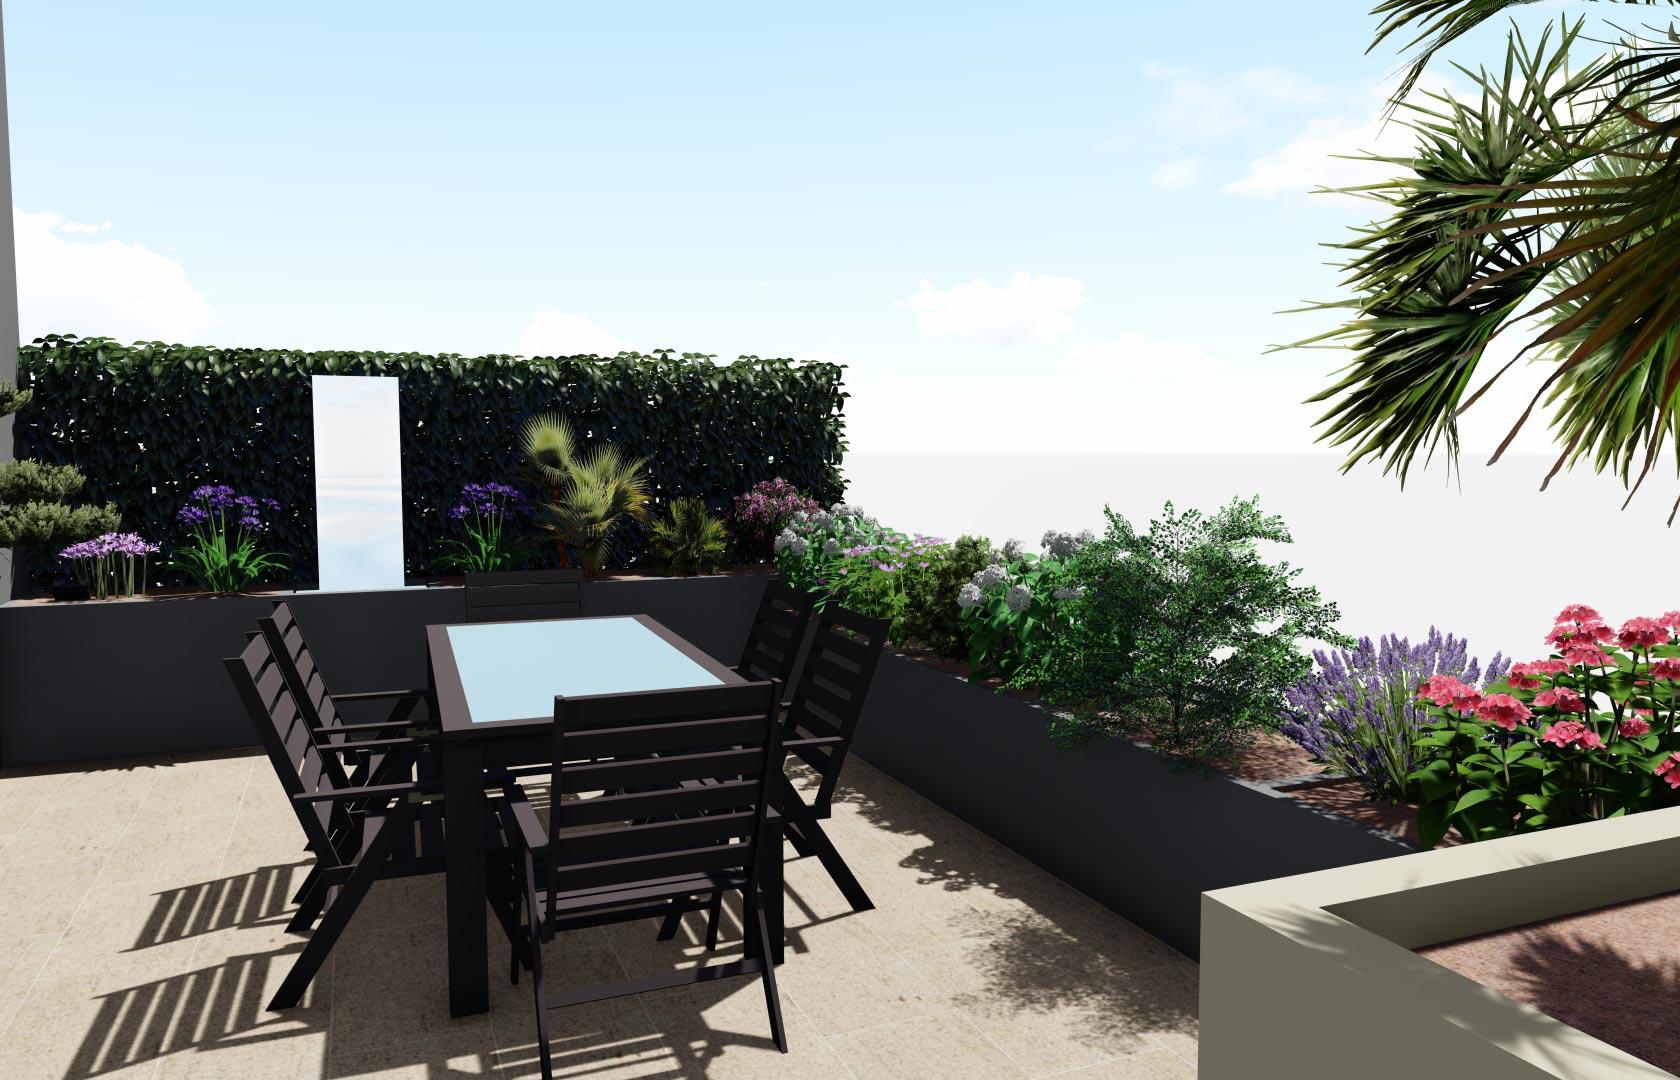 Entreprise du paysage, Serrault Jardins réalise des terrasses en bois sur-mesure.